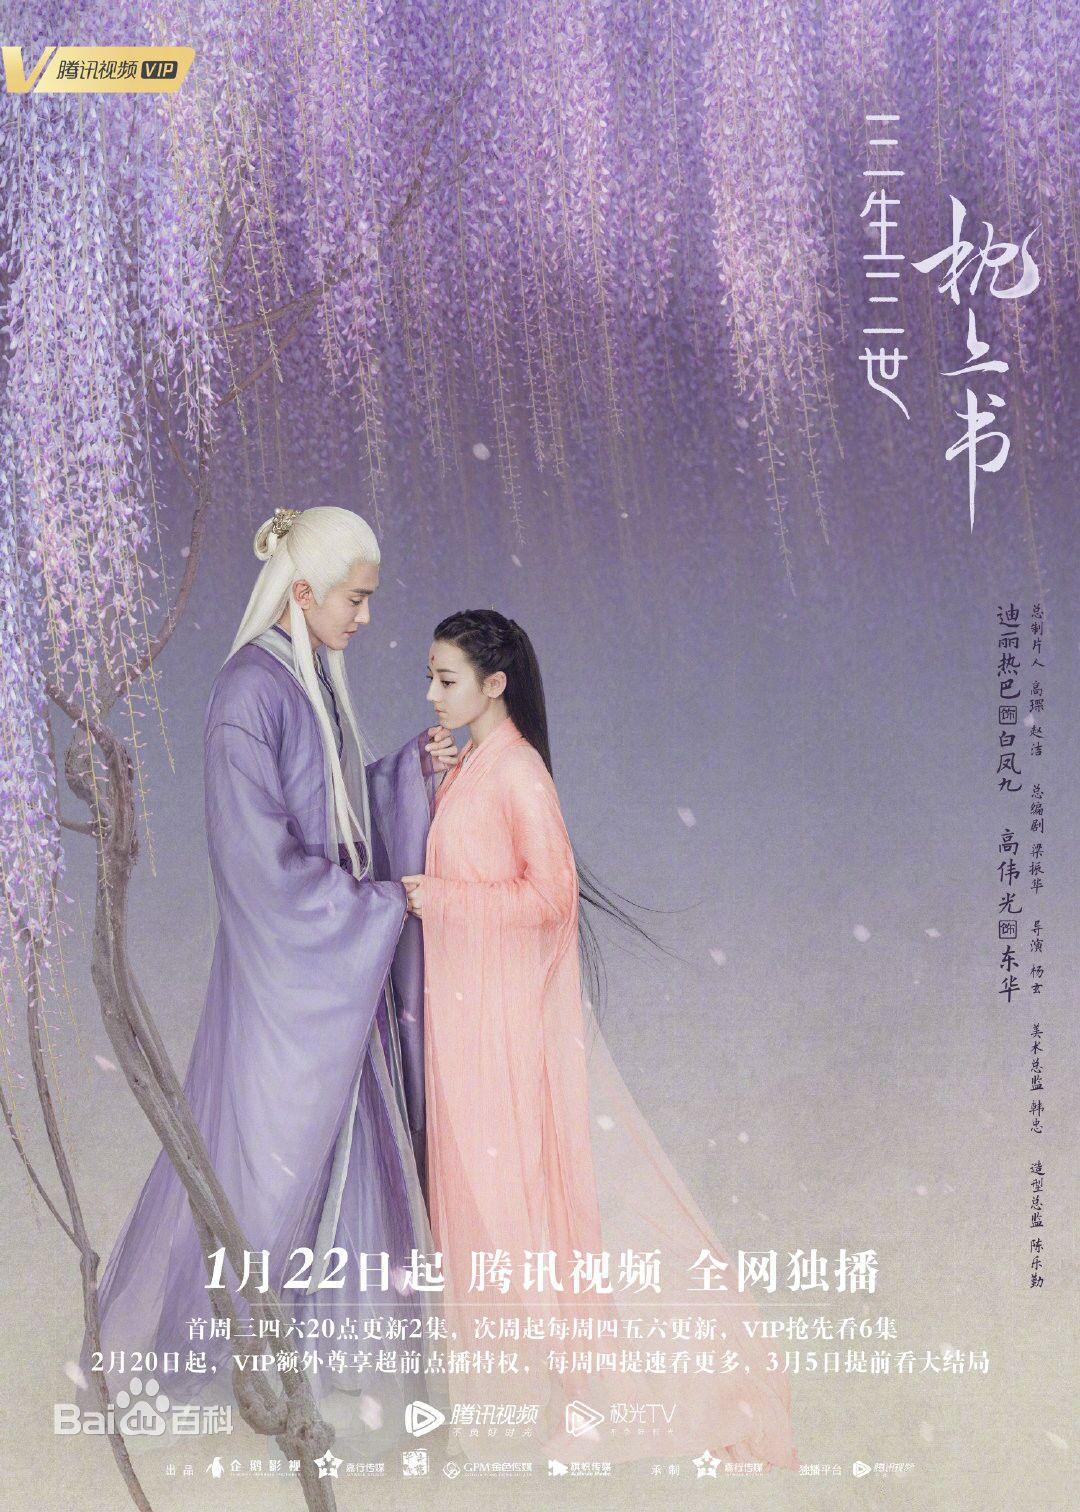 『影视推荐』三生三世枕上书(更新42集)